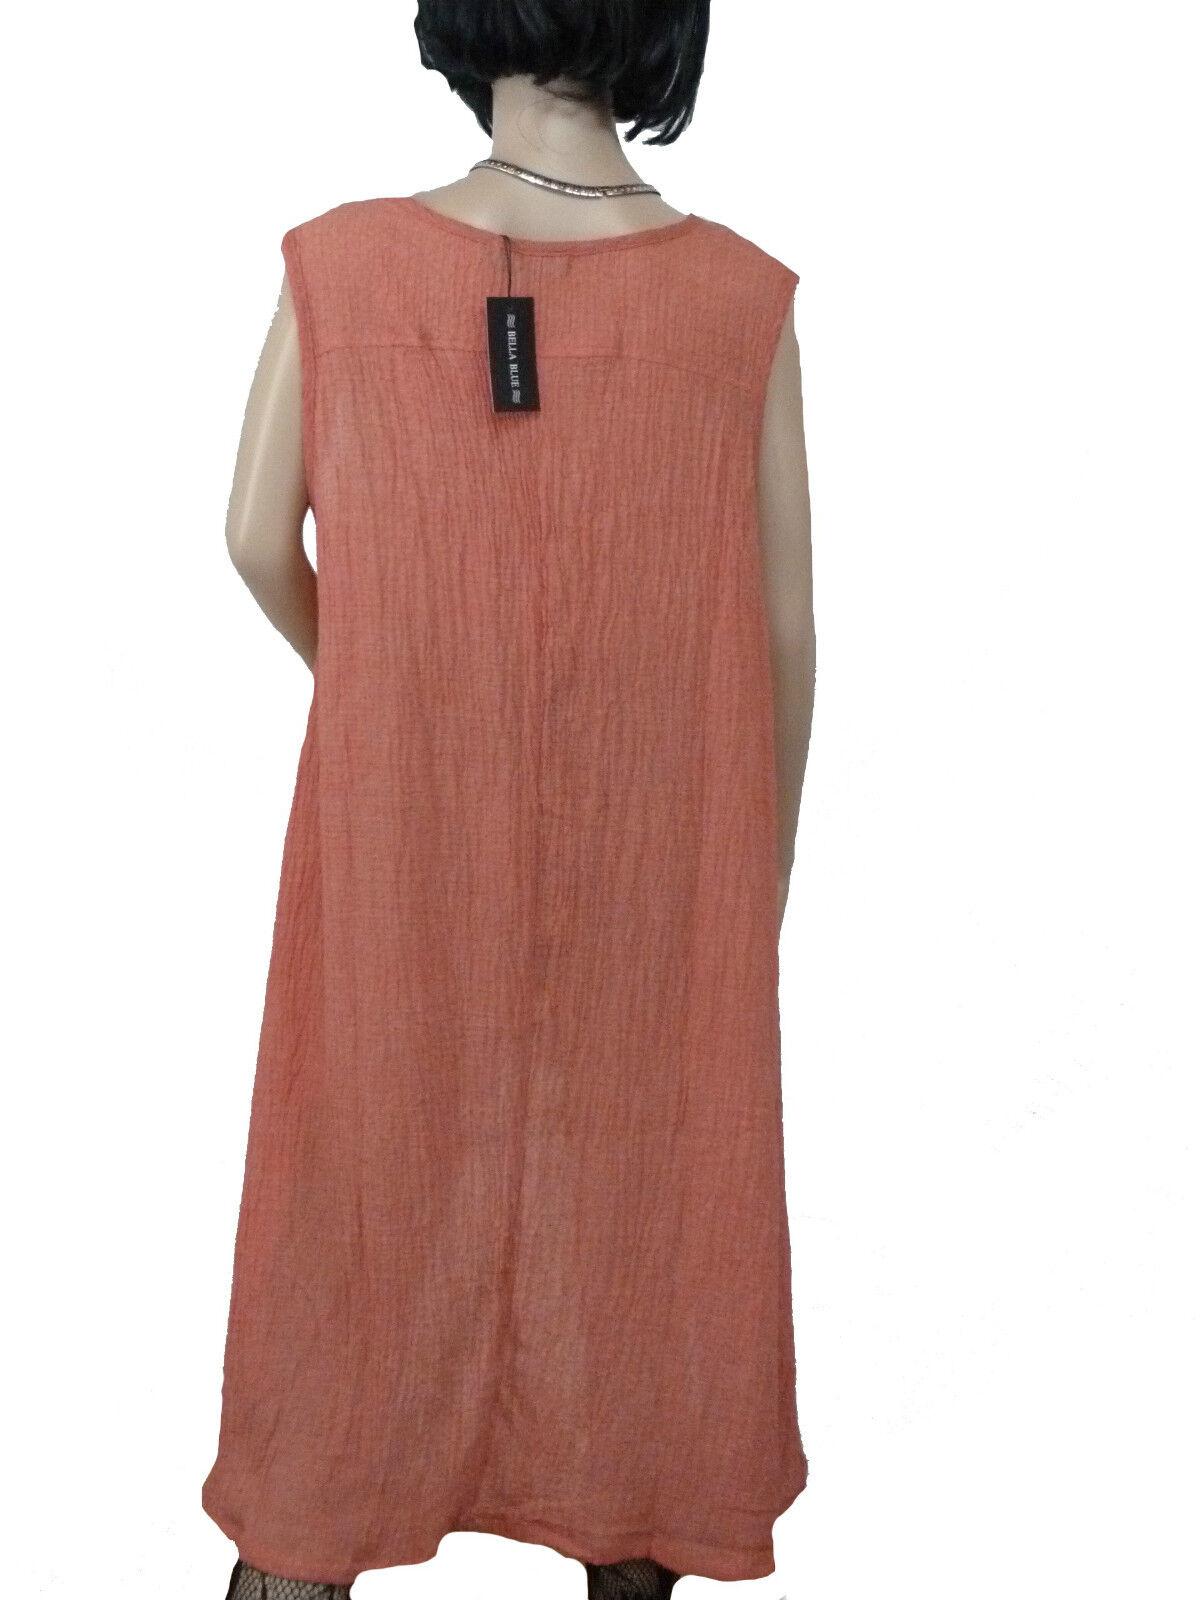 Bella Blau  Kleid Sommerkleid Tunika leicht luftig L Orange Grau Braun Gr. L luftig XL d8624b